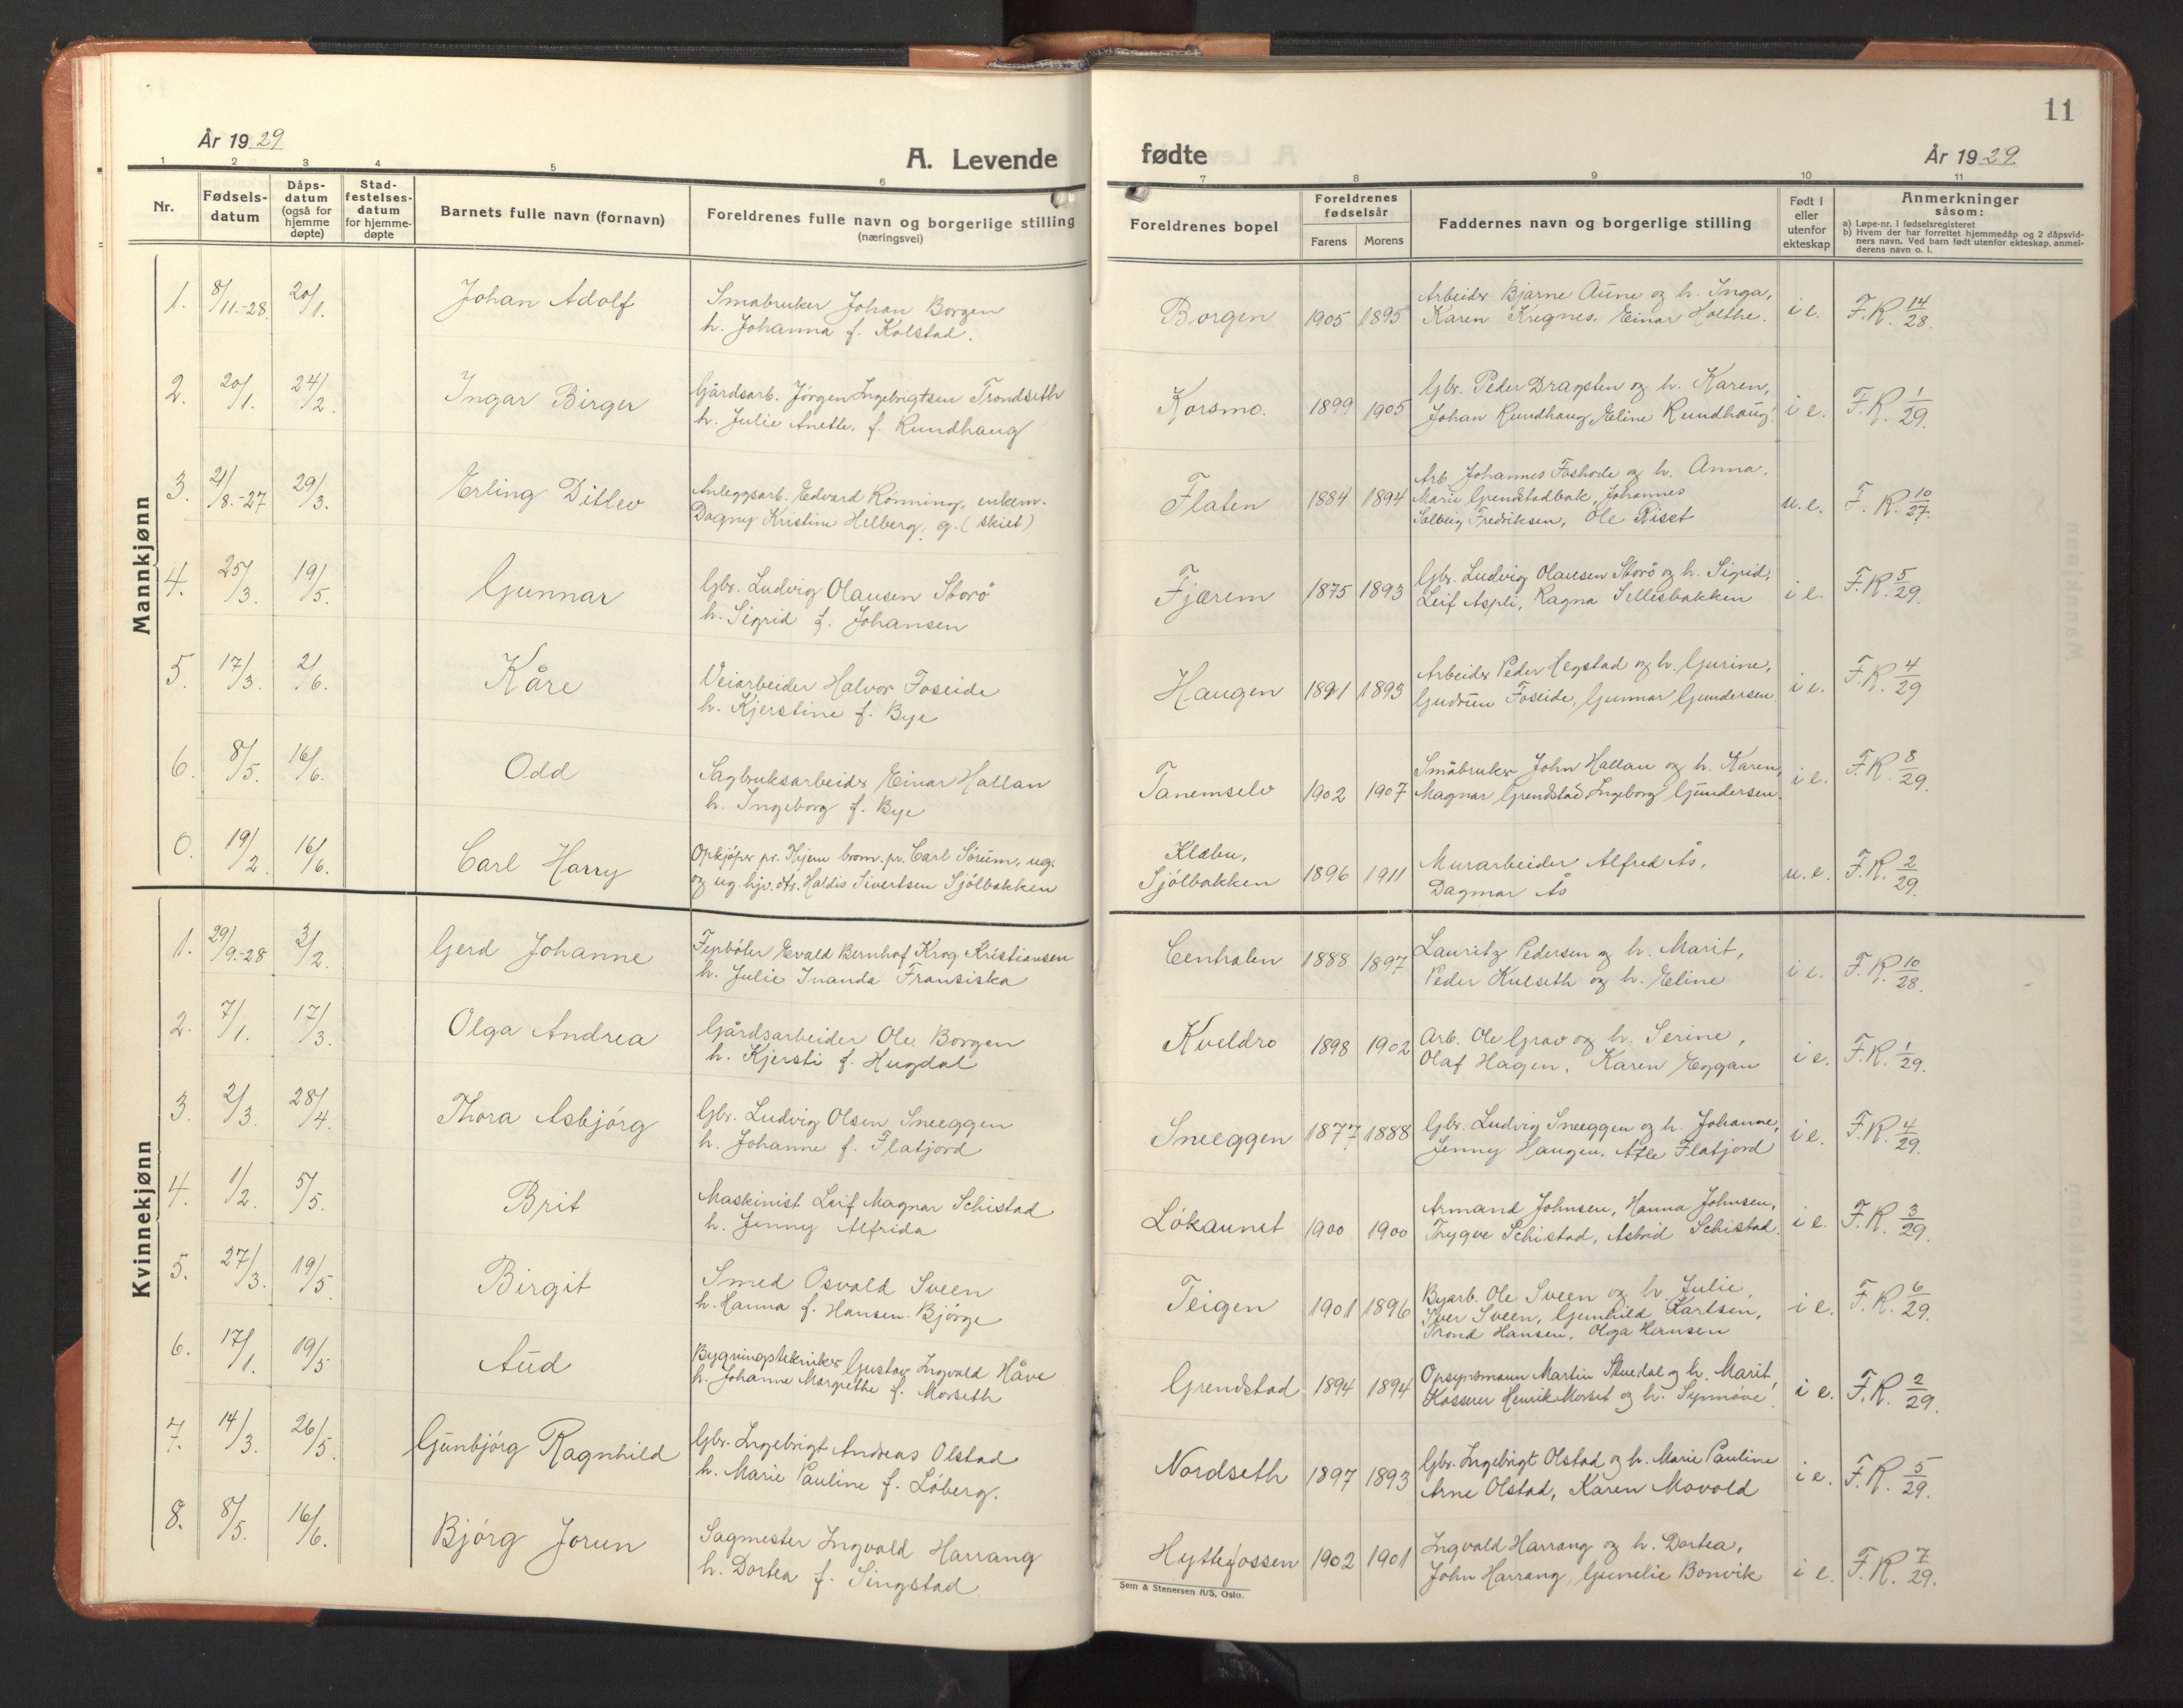 SAT, Ministerialprotokoller, klokkerbøker og fødselsregistre - Sør-Trøndelag, 618/L0454: Klokkerbok nr. 618C05, 1926-1946, s. 11